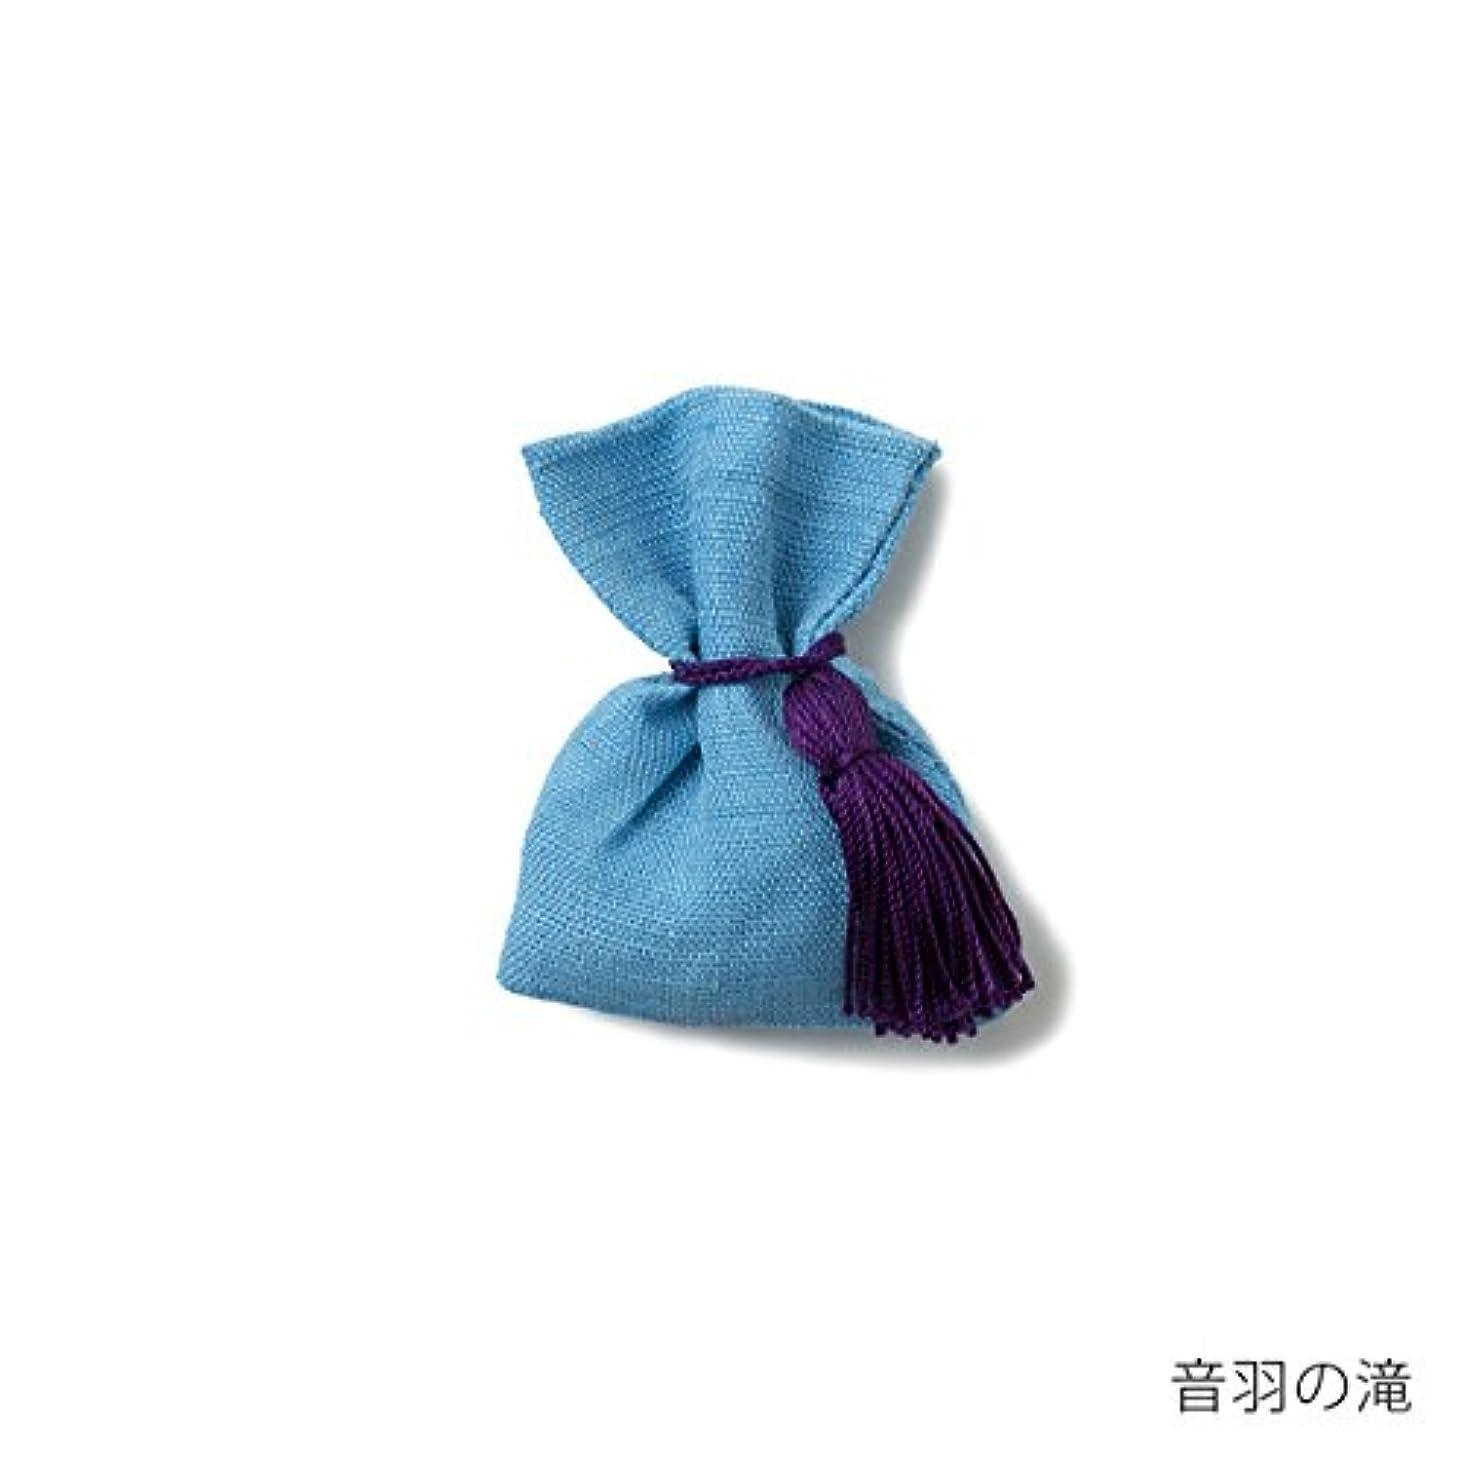 補体宇宙の応答【薫玉堂】 京の香り 香袋 音羽の滝